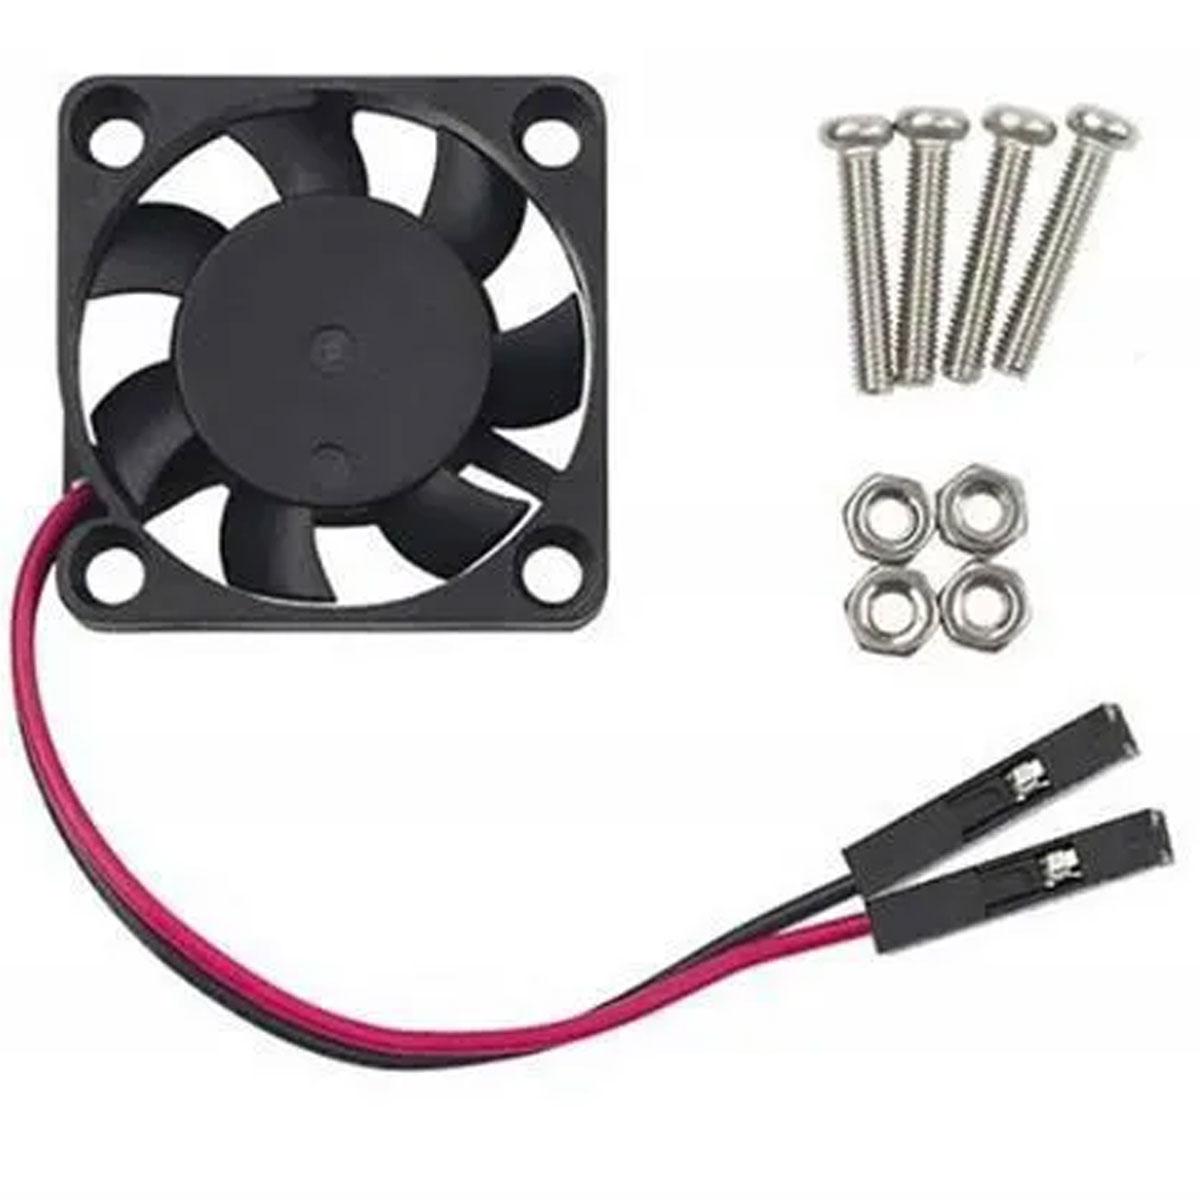 Mini Cooler 30 x 30 x 7mm Raspberry Pi2 Pi3 5v